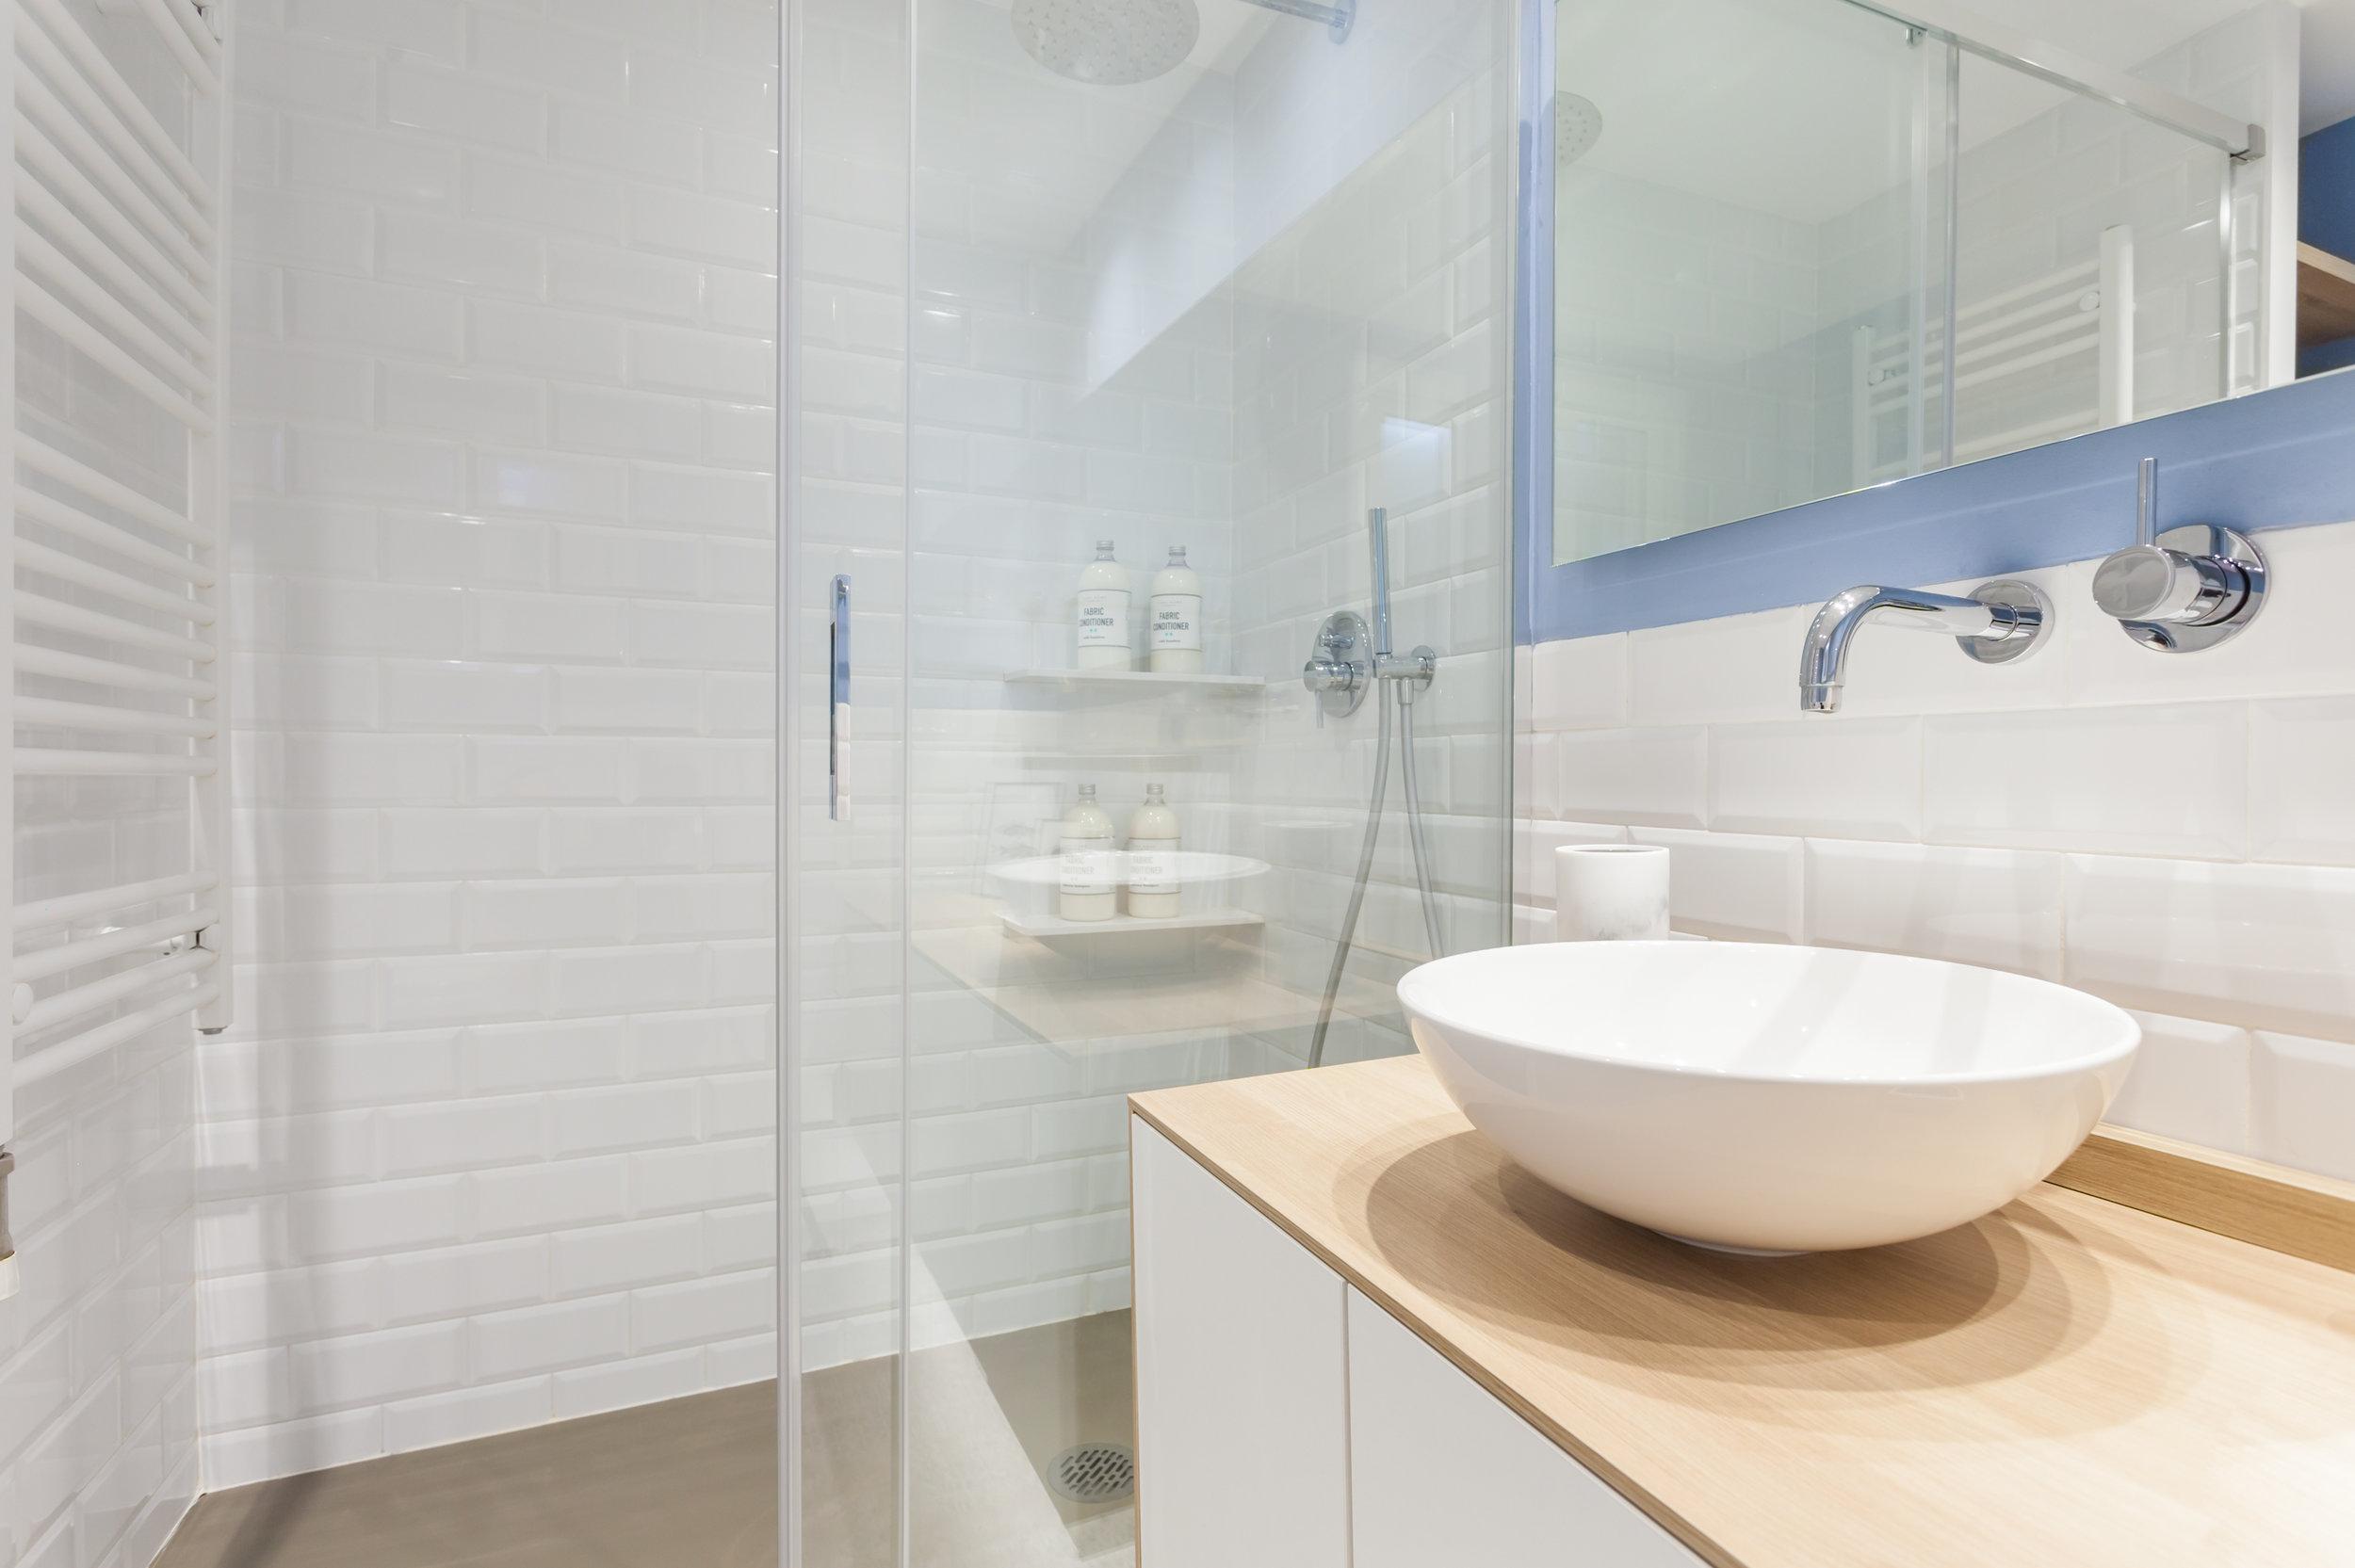 10 Arquium - Reforma baños Sant Cugat (3).jpg